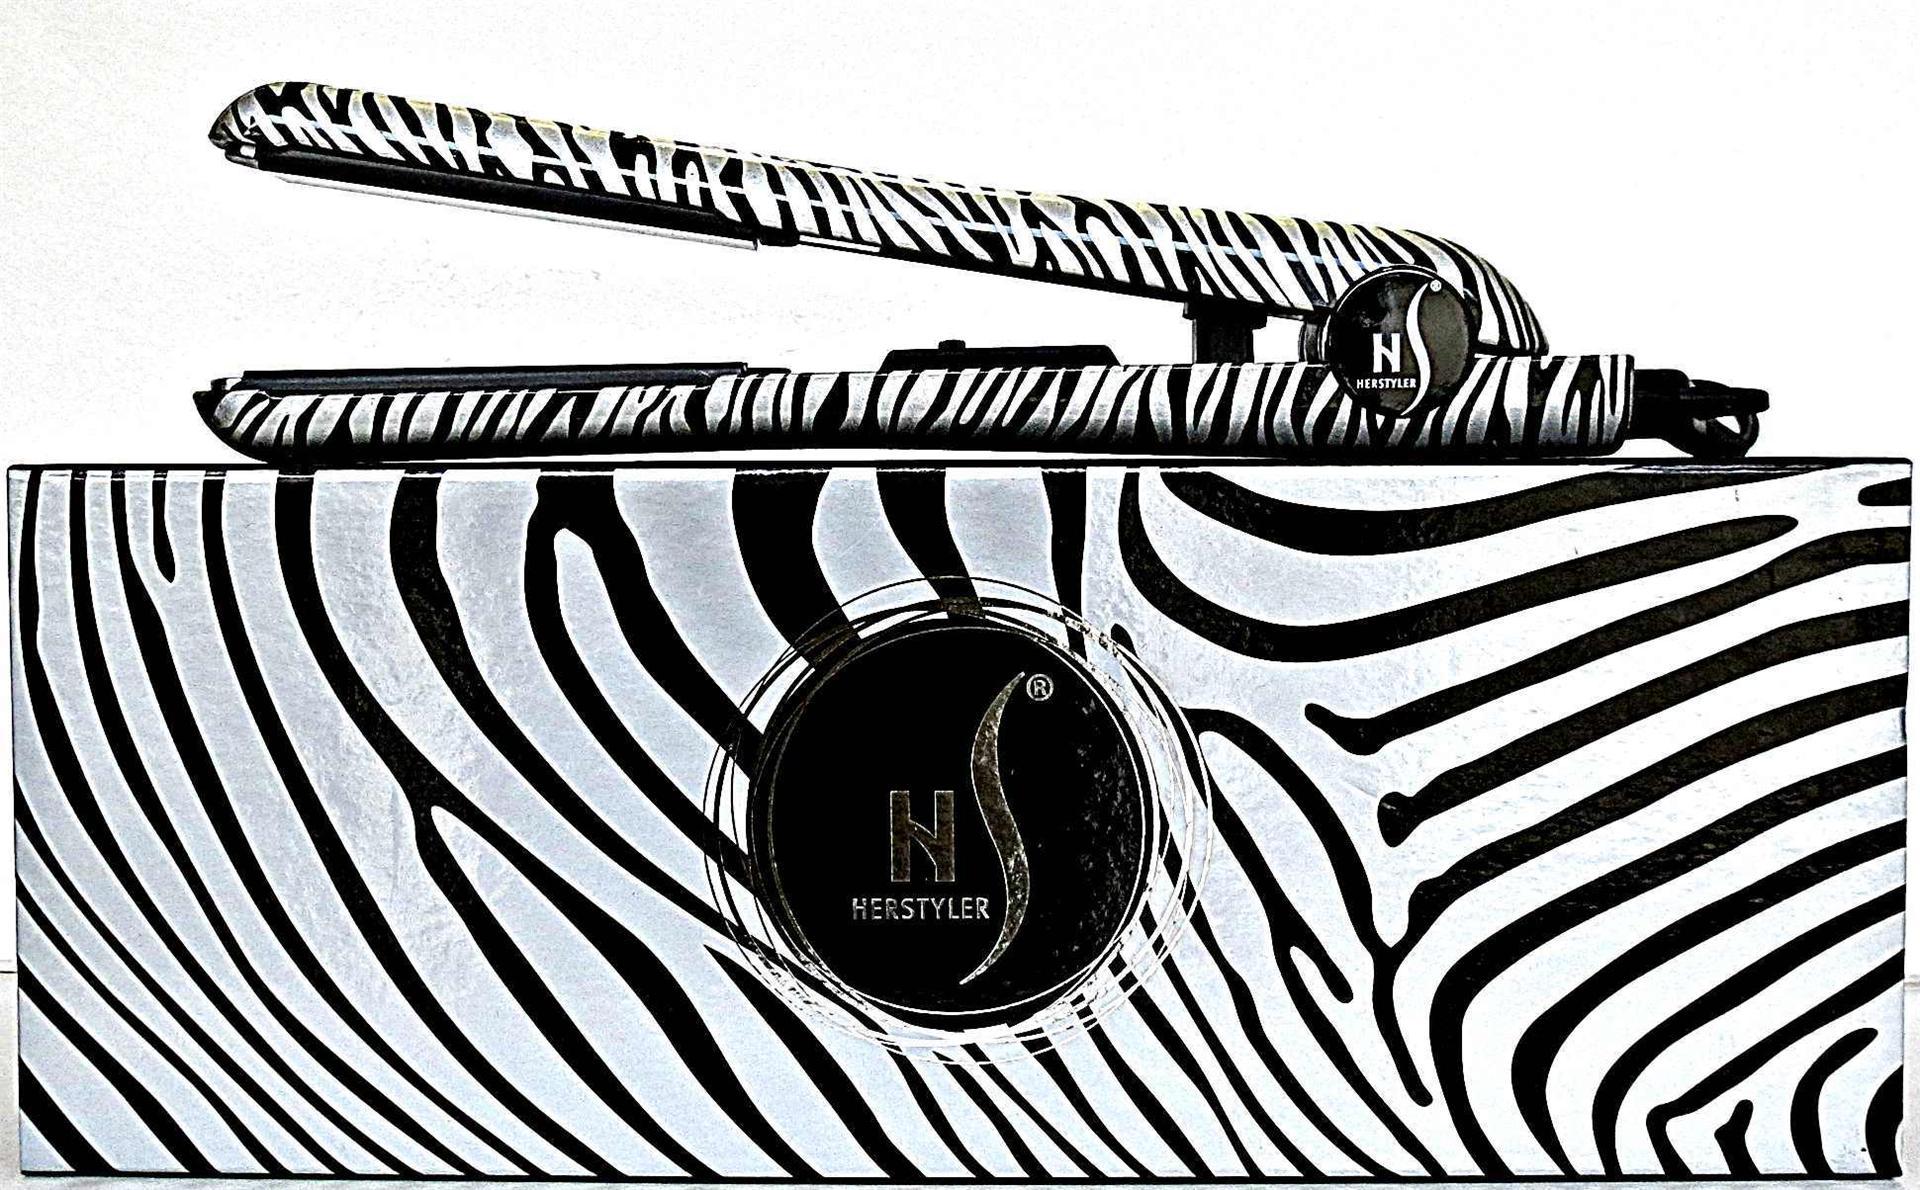 Herstyler ceramic white zebra hair straightener ceramic 1 for Zebra curling wand